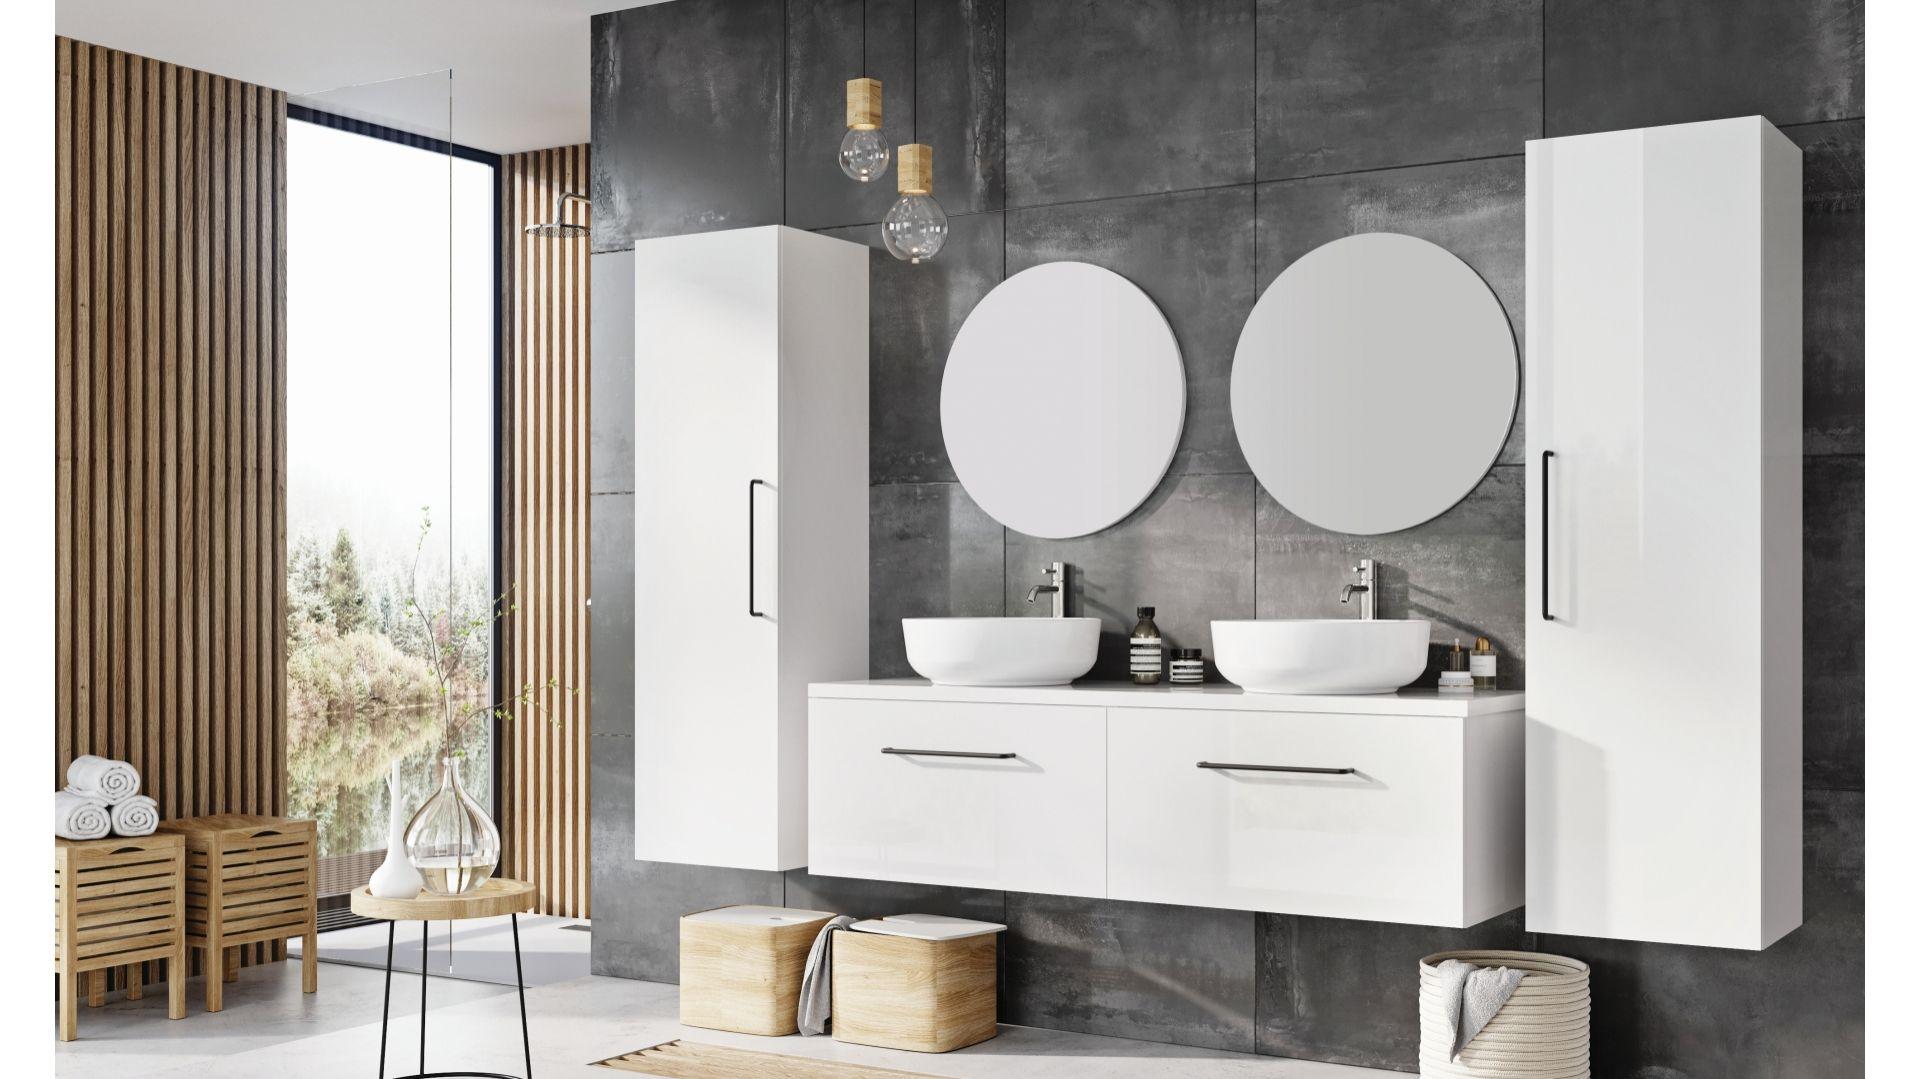 Kolekcja Mebli łazienkowych Futuris/Elita. Produkt zgłoszony do konkursu Dobry Design 2019.